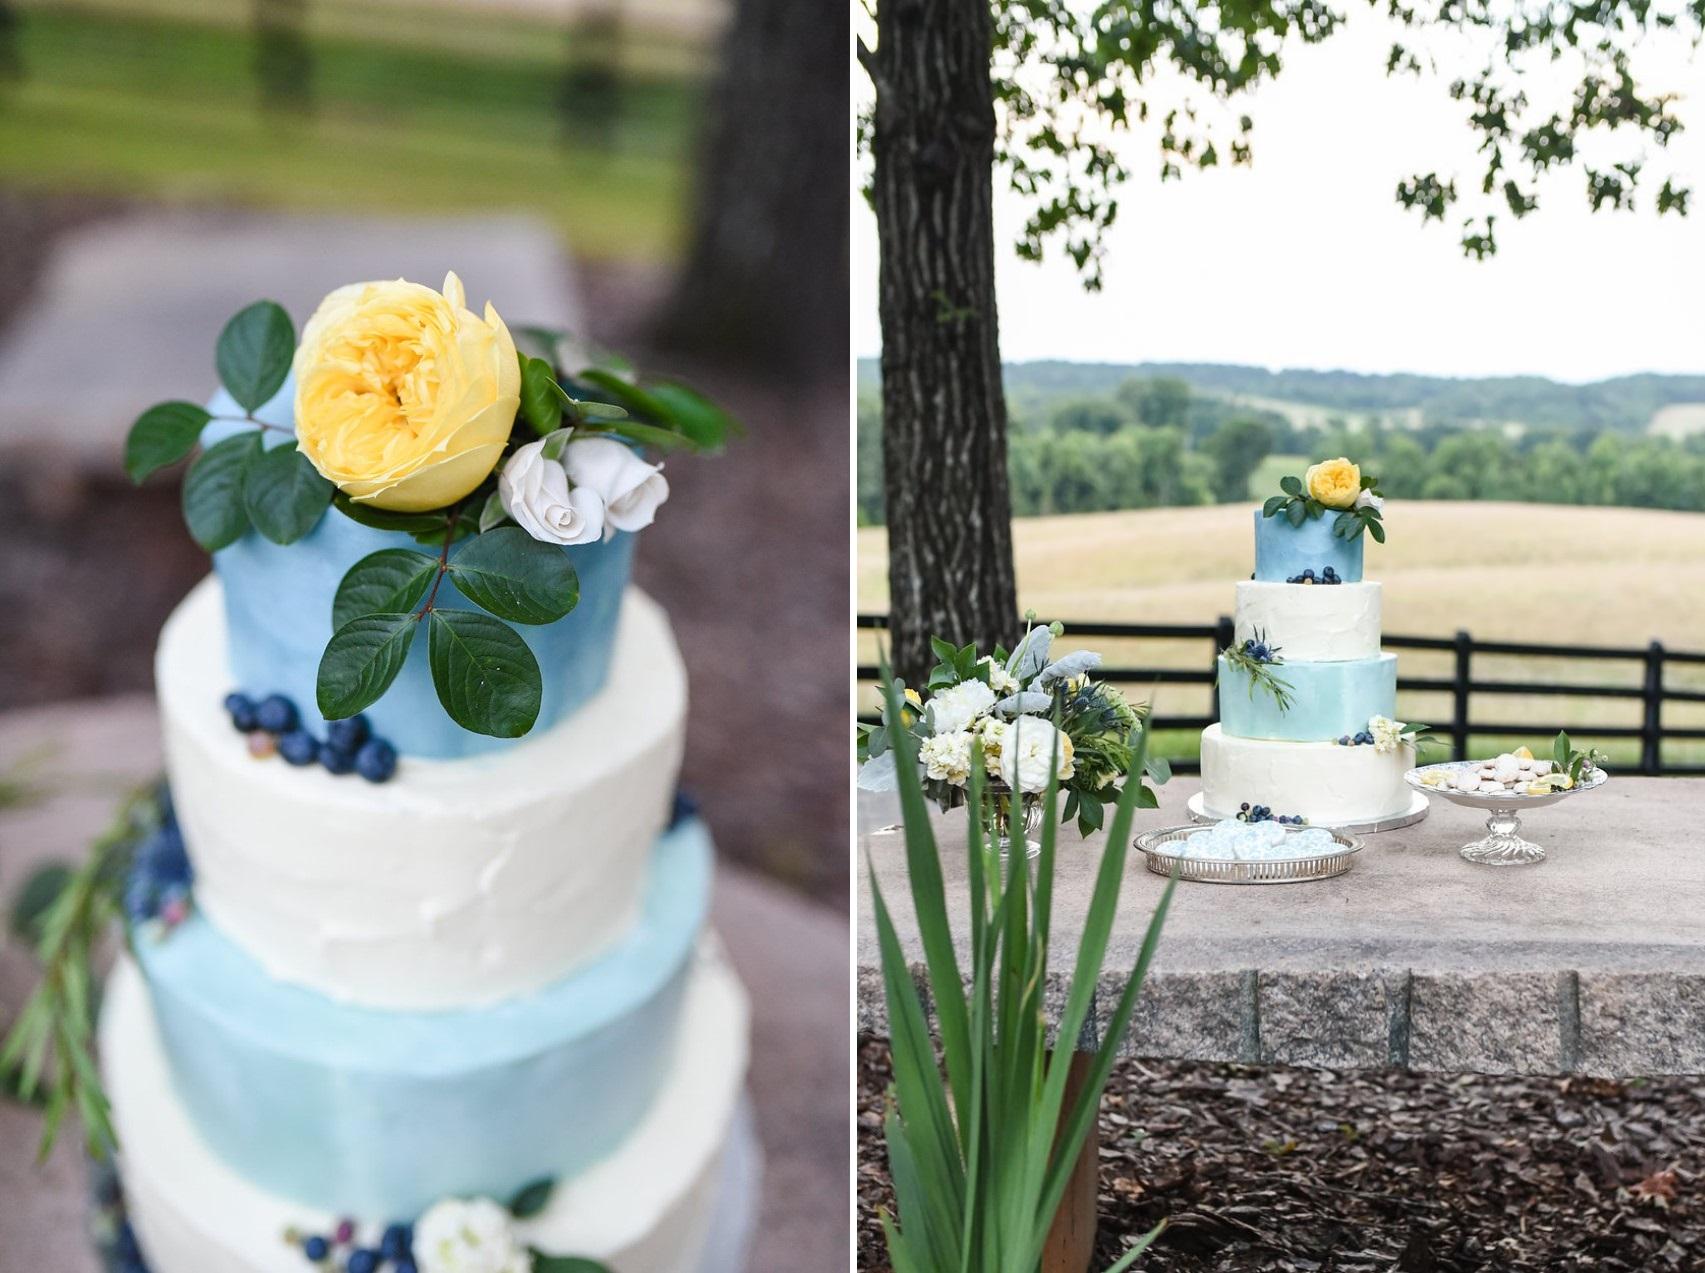 Blue Painted Wedding Cake